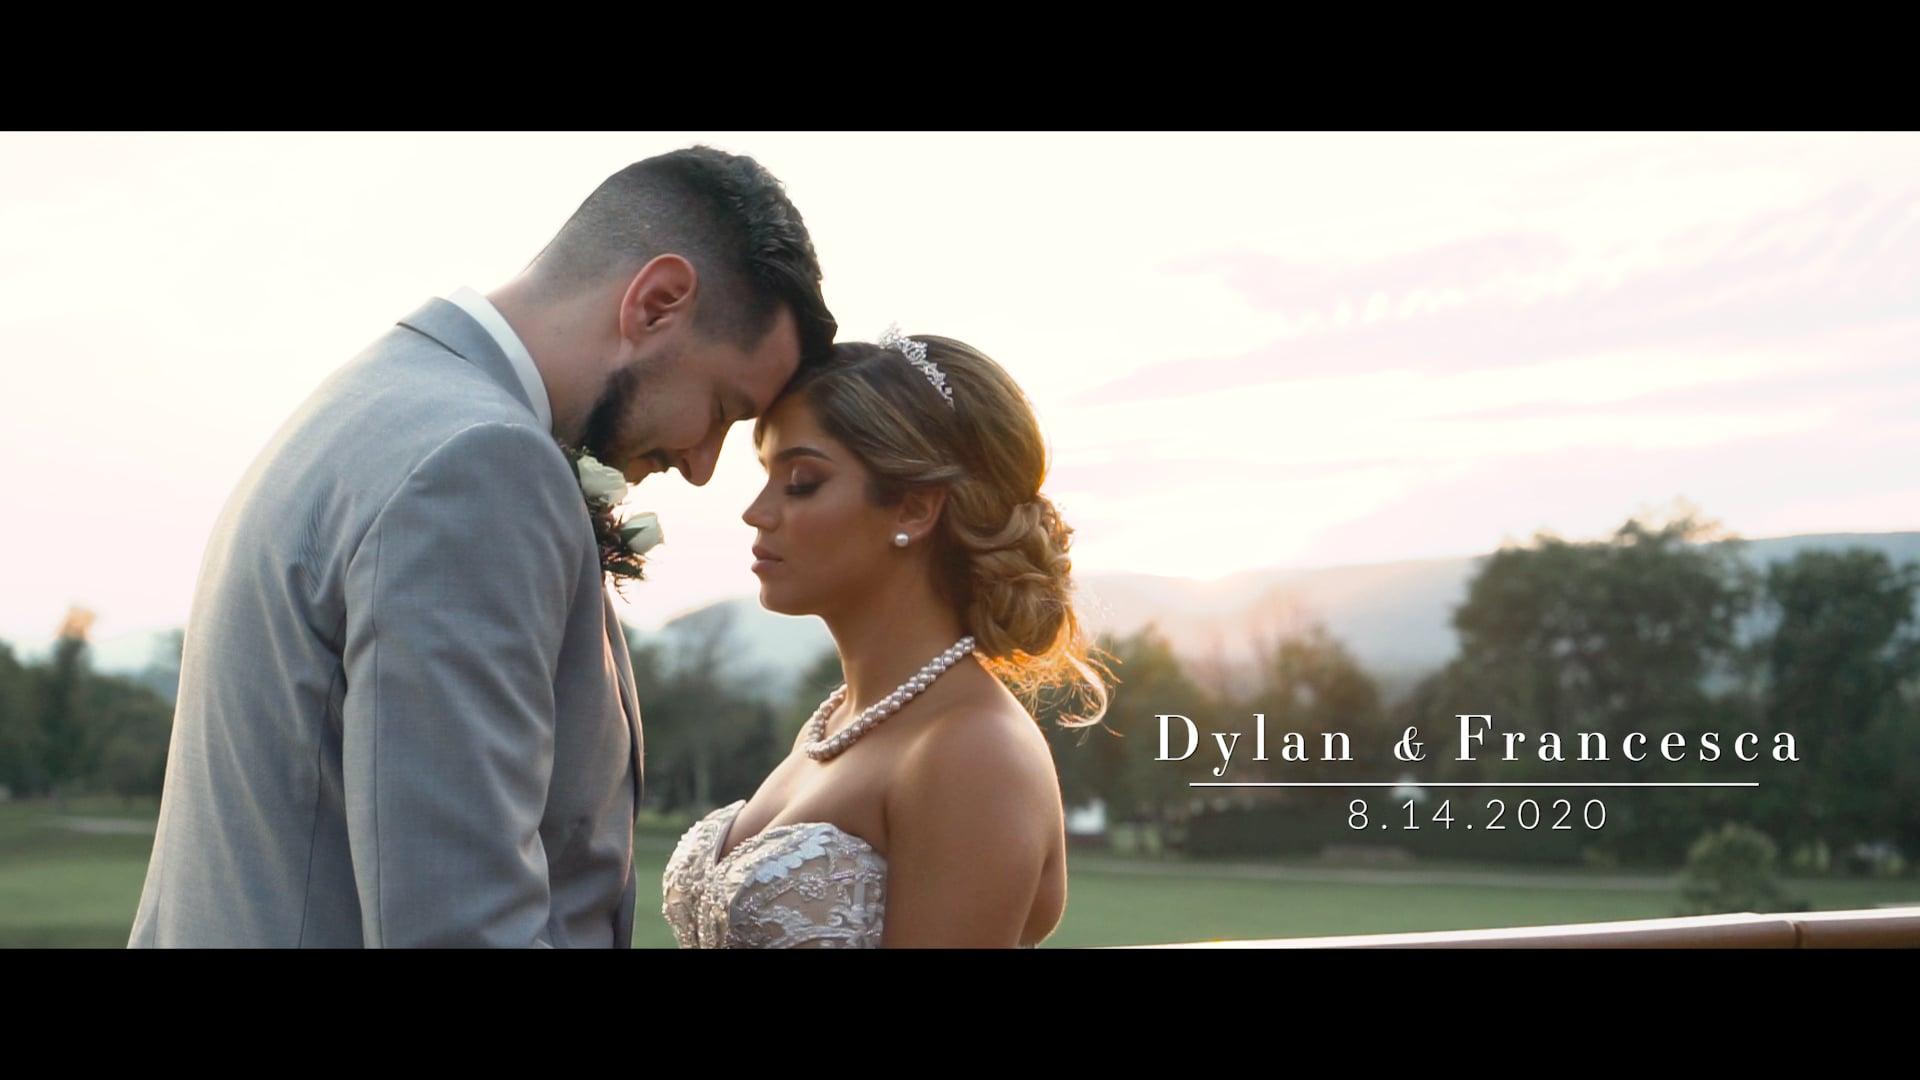 Dylan & Francesca 8.14.2020